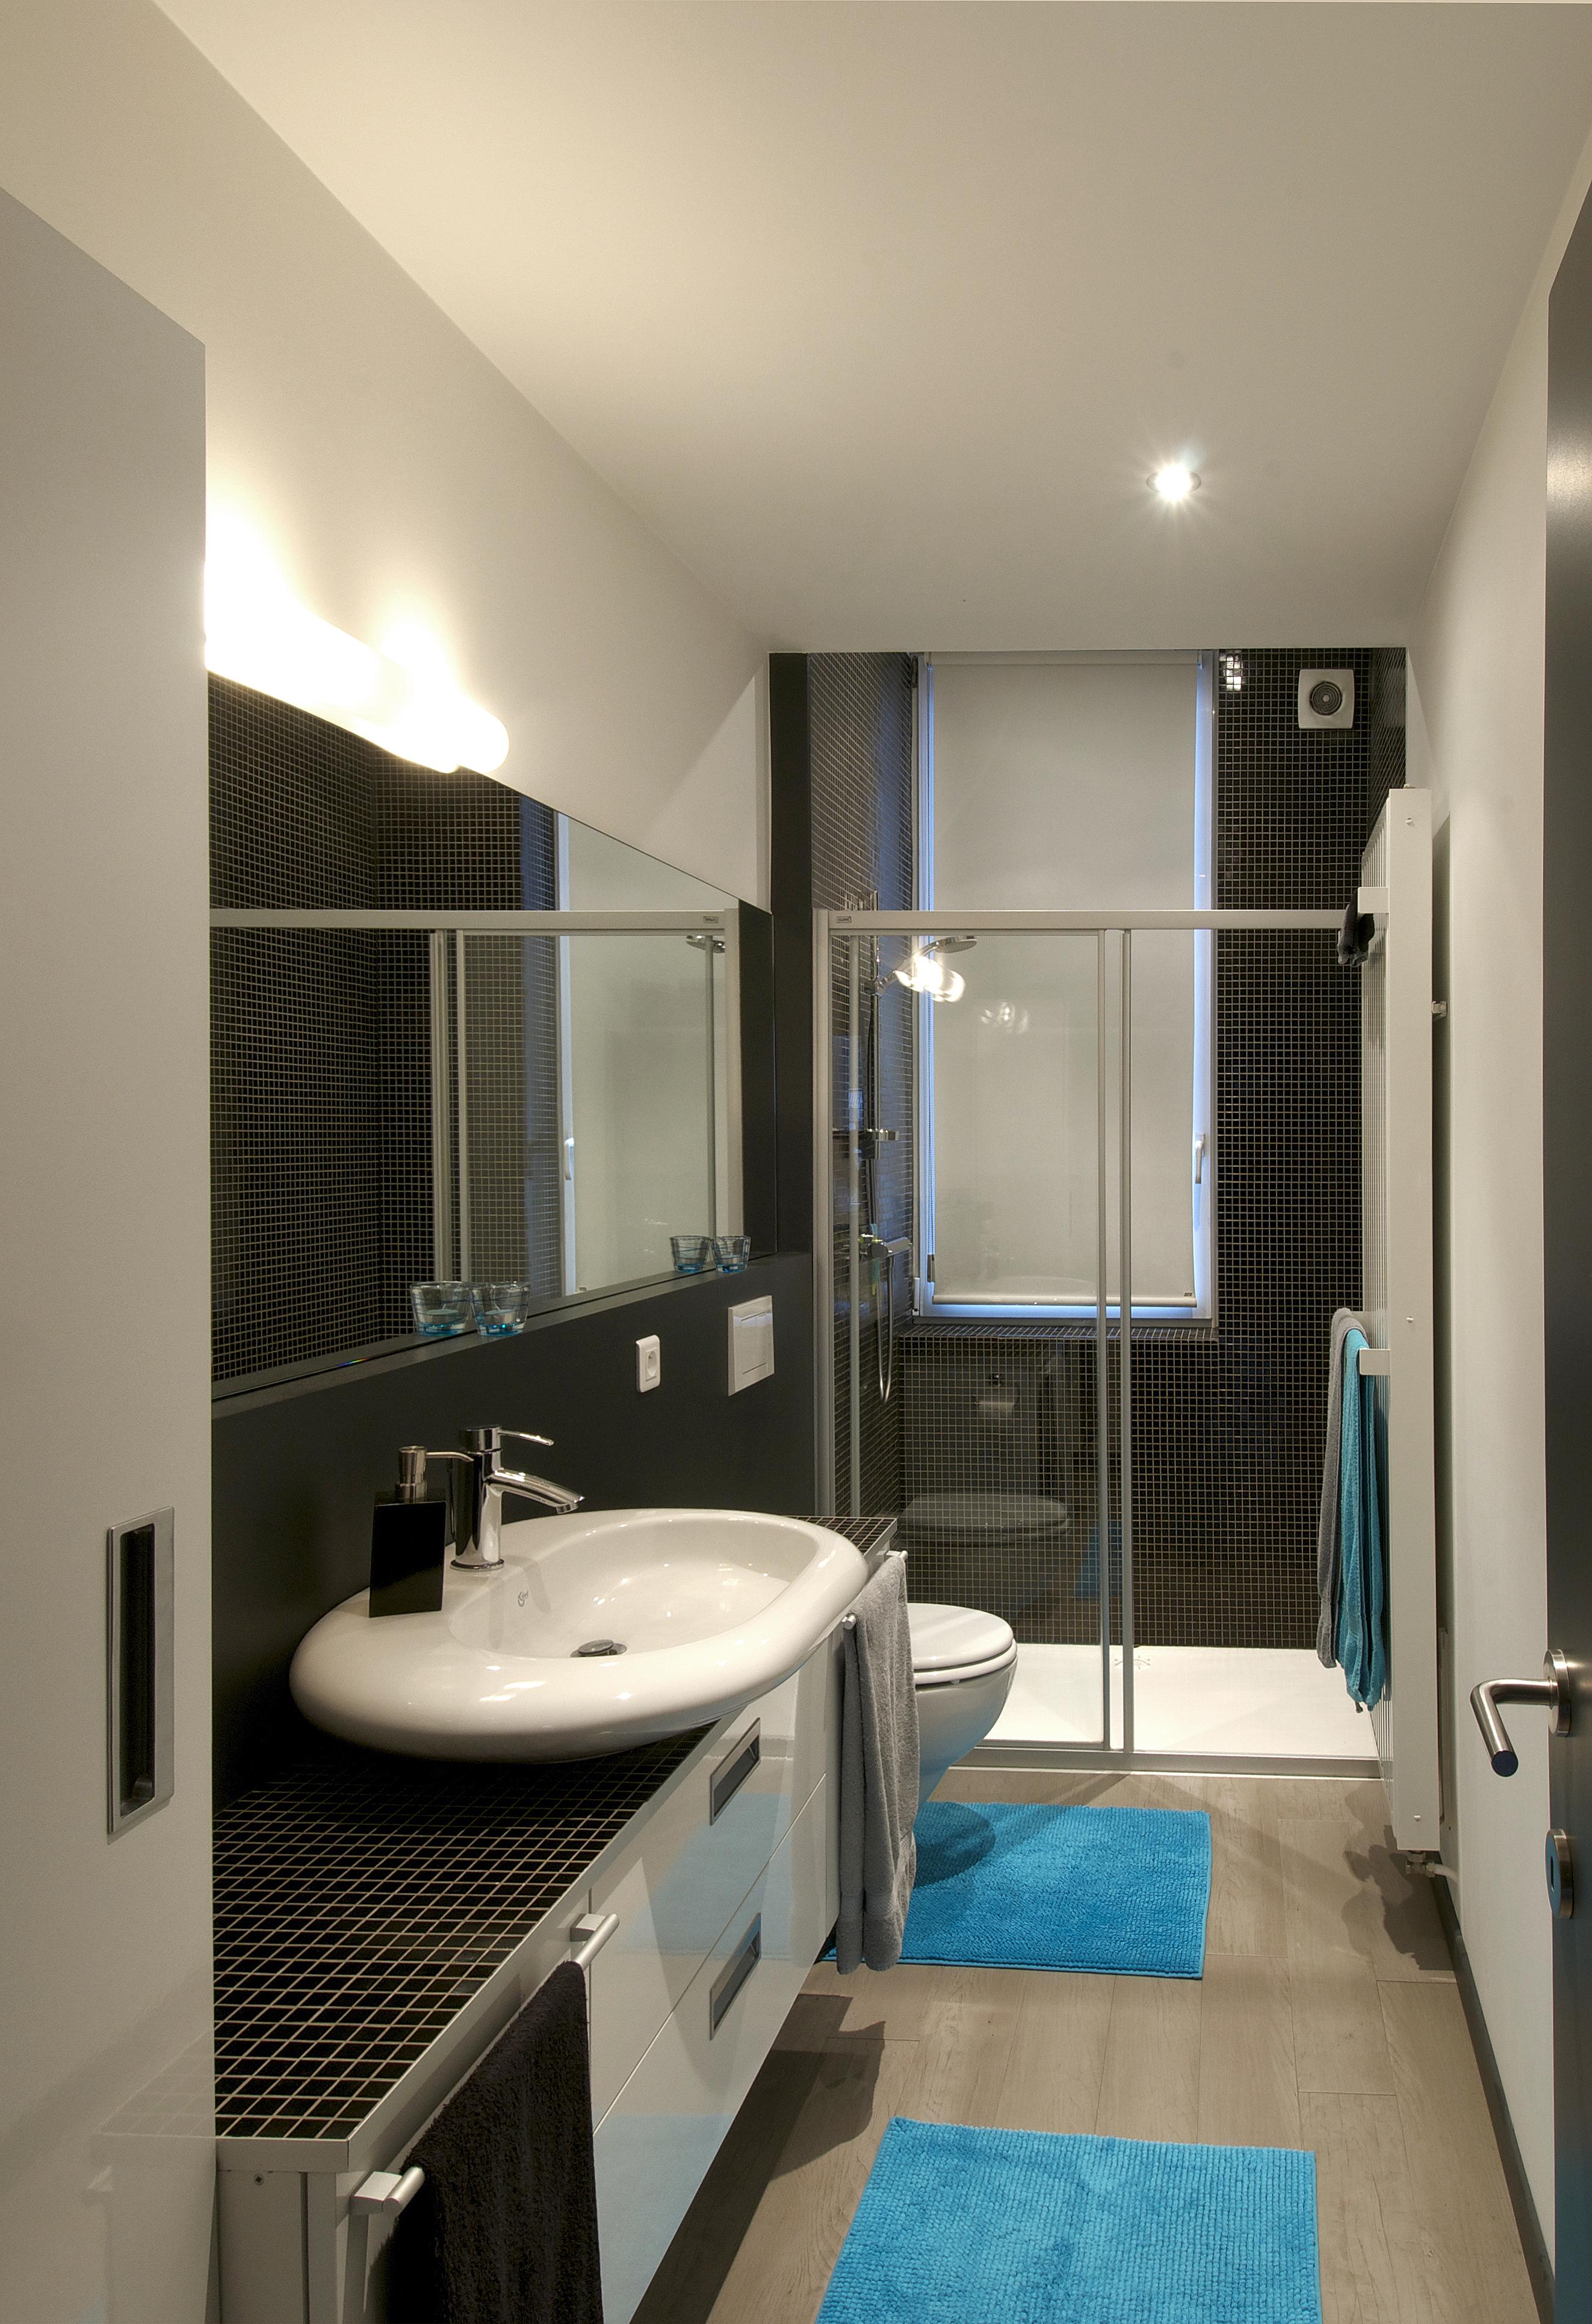 salle de bain-liege-decoration-renovation-belgique